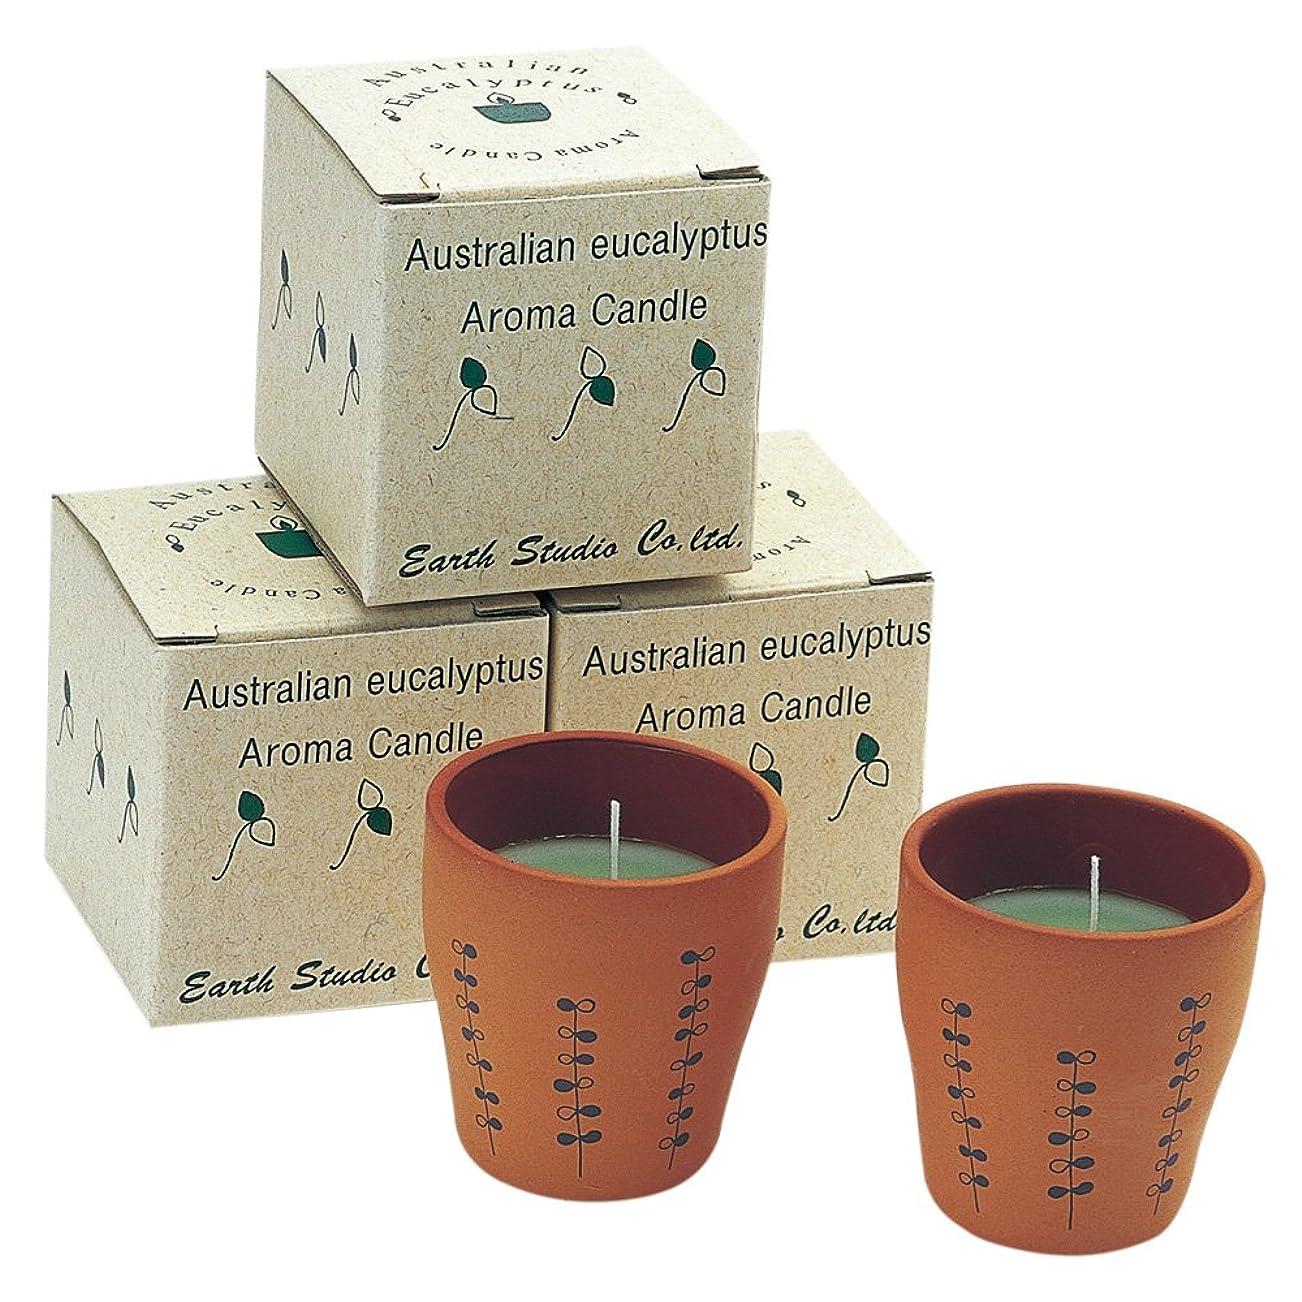 ライド明るい公式オーストラリアお土産 ユーカリ アロマキャンドル 3個セット